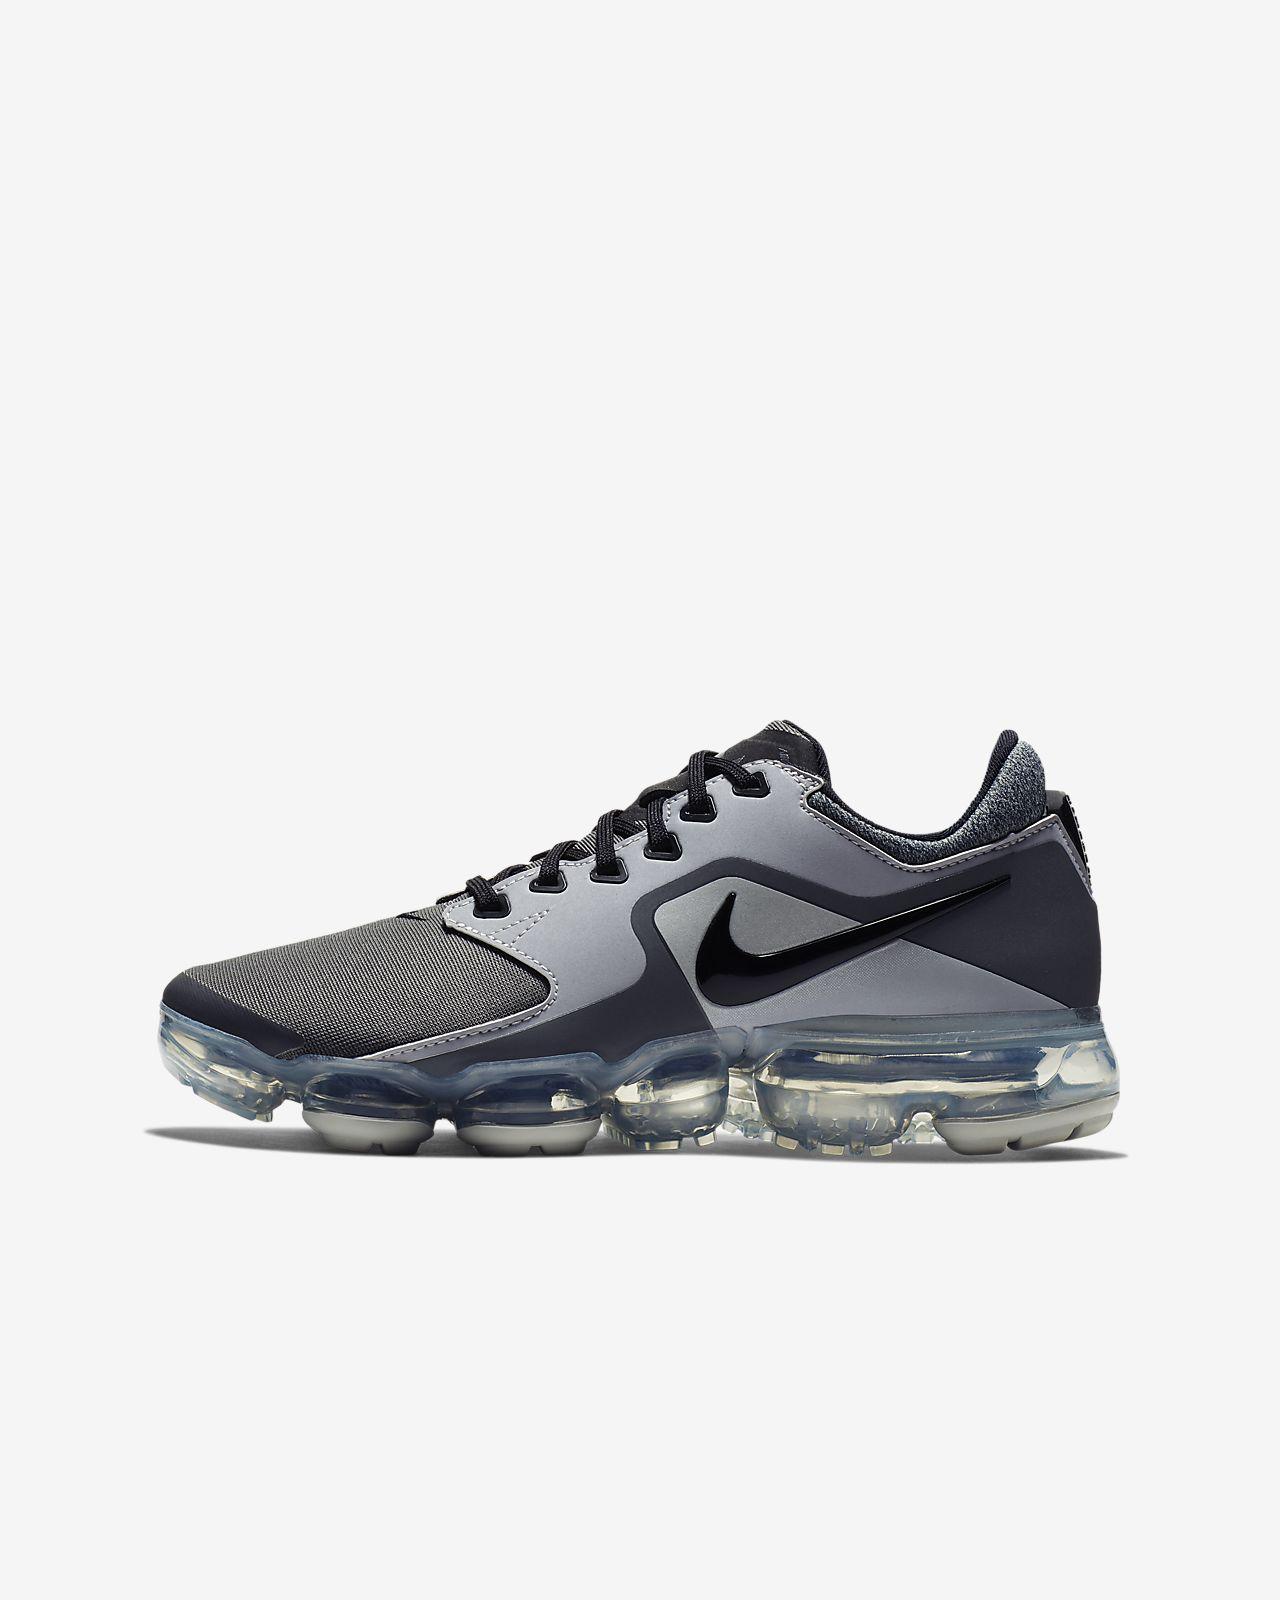 buy online a455a 36970 ... Nike Air VaporMax Older Kids  Running Shoe